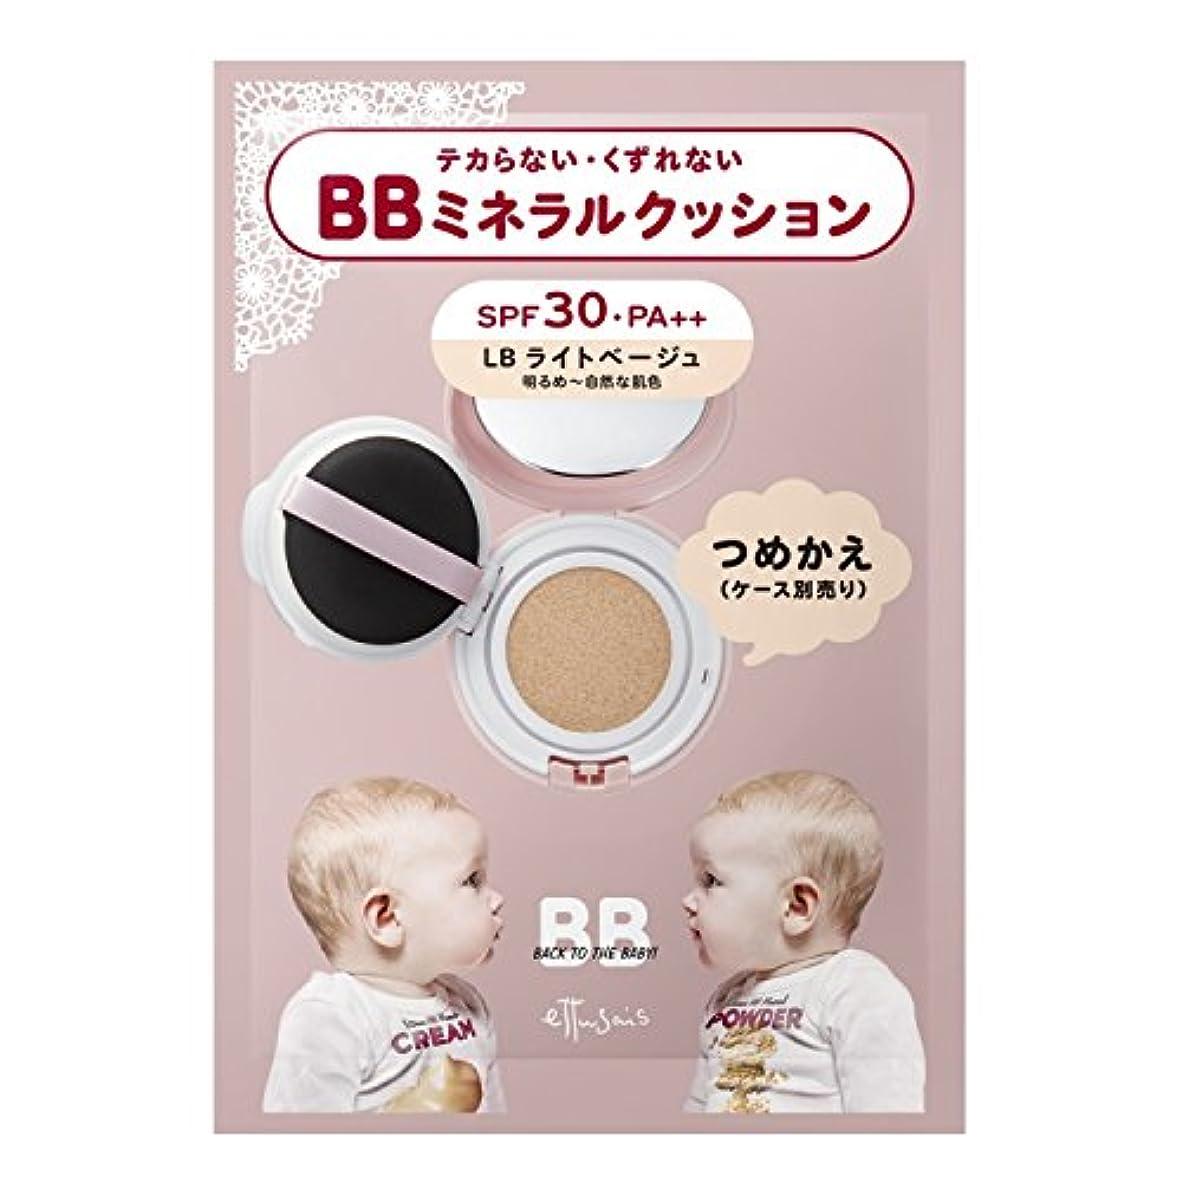 石鹸各魅力エテュセ BBミネラルクッション LB ライトベージュ(明るめ~自然な肌色) つめかえ用 SPF30?PA++ 12g